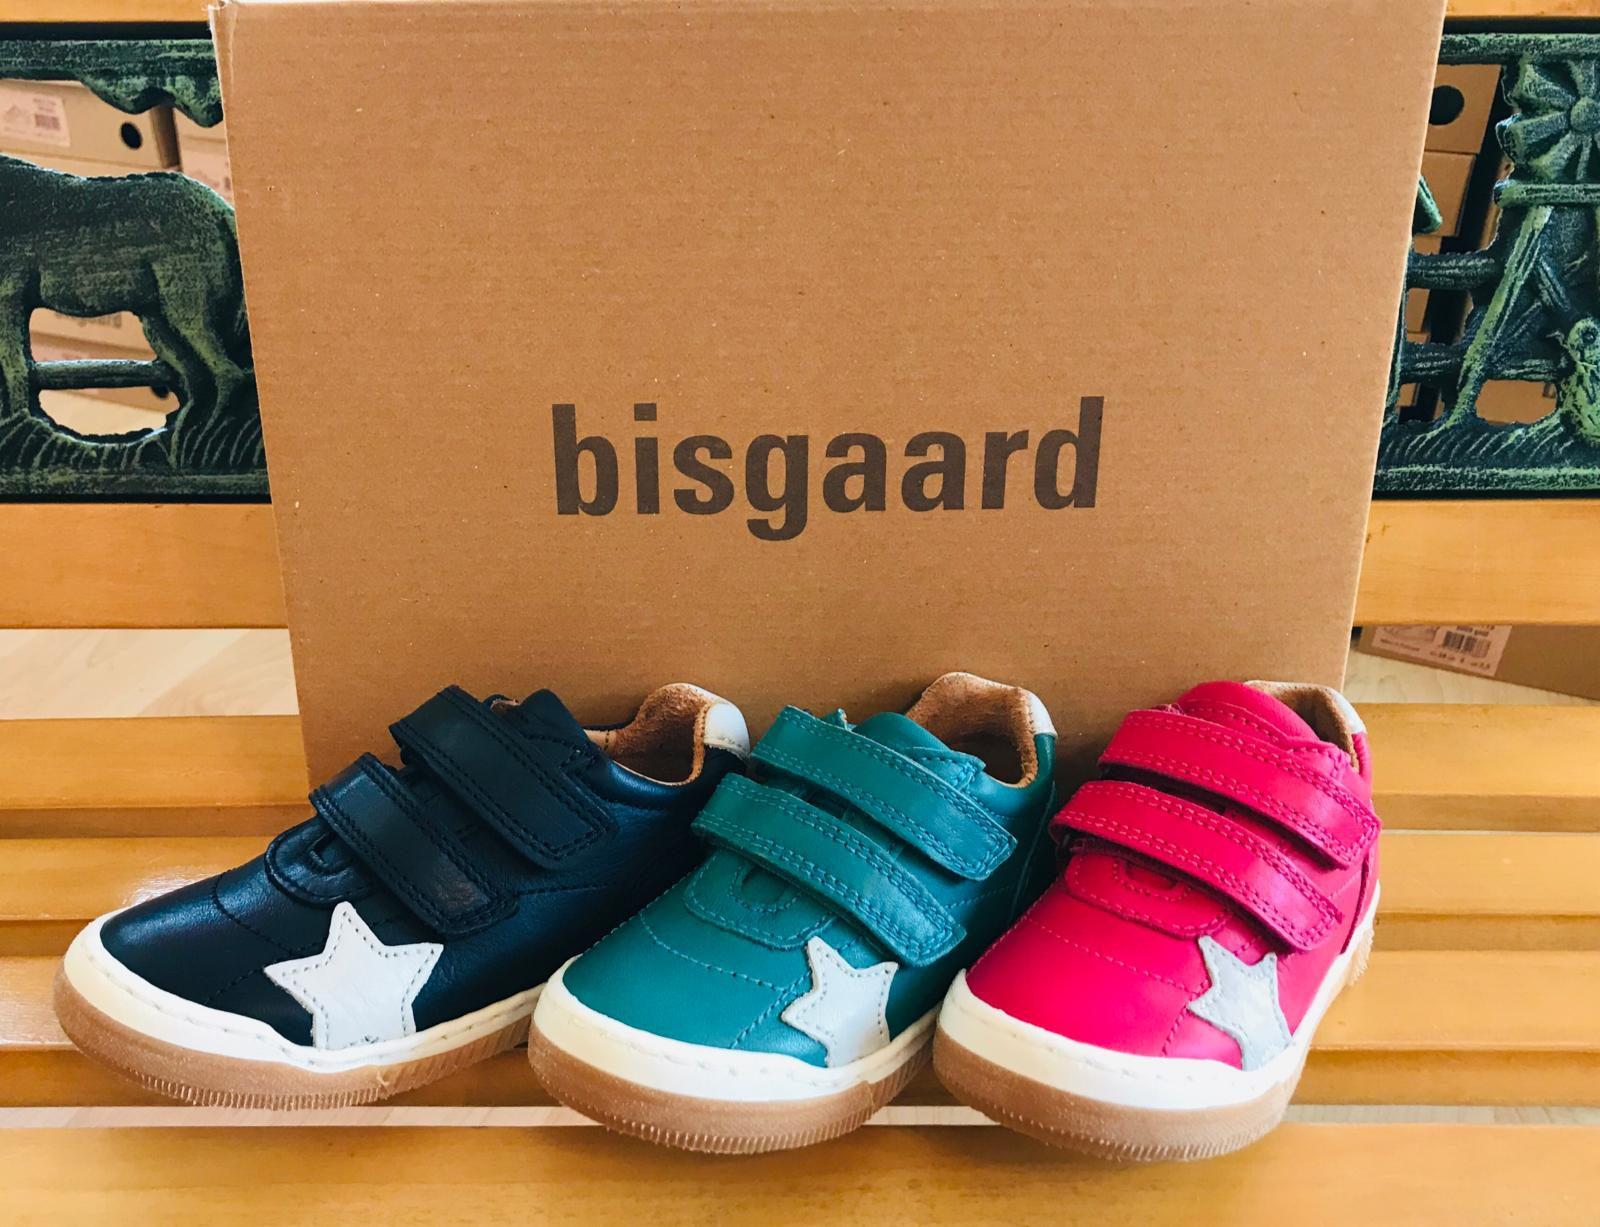 BISGAARD – jetzt ist die Auswahl groß!